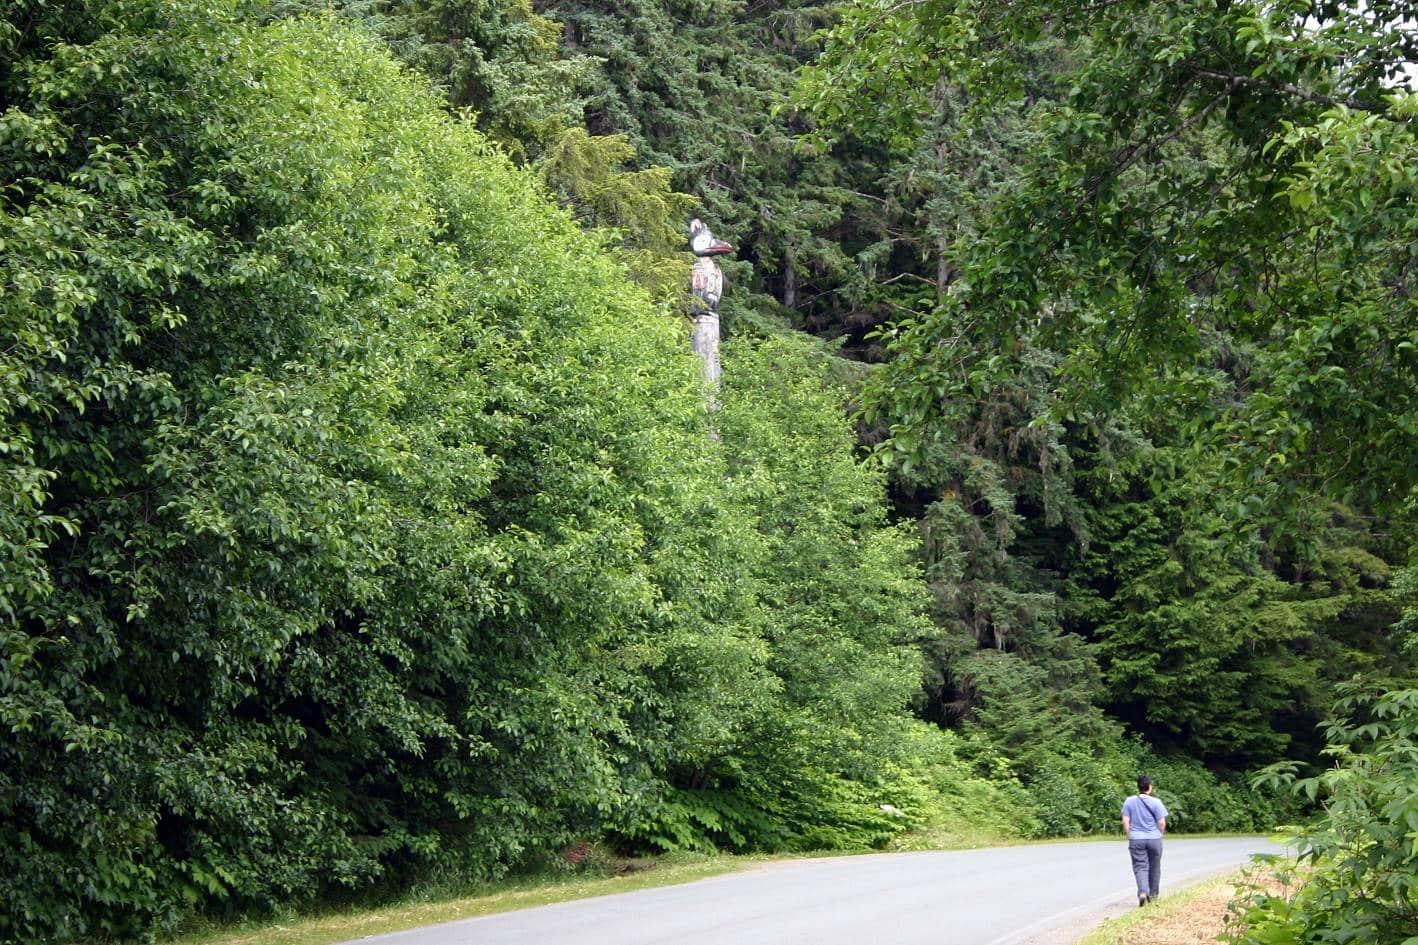 Alaska'da bir orman ve totem ağacı.